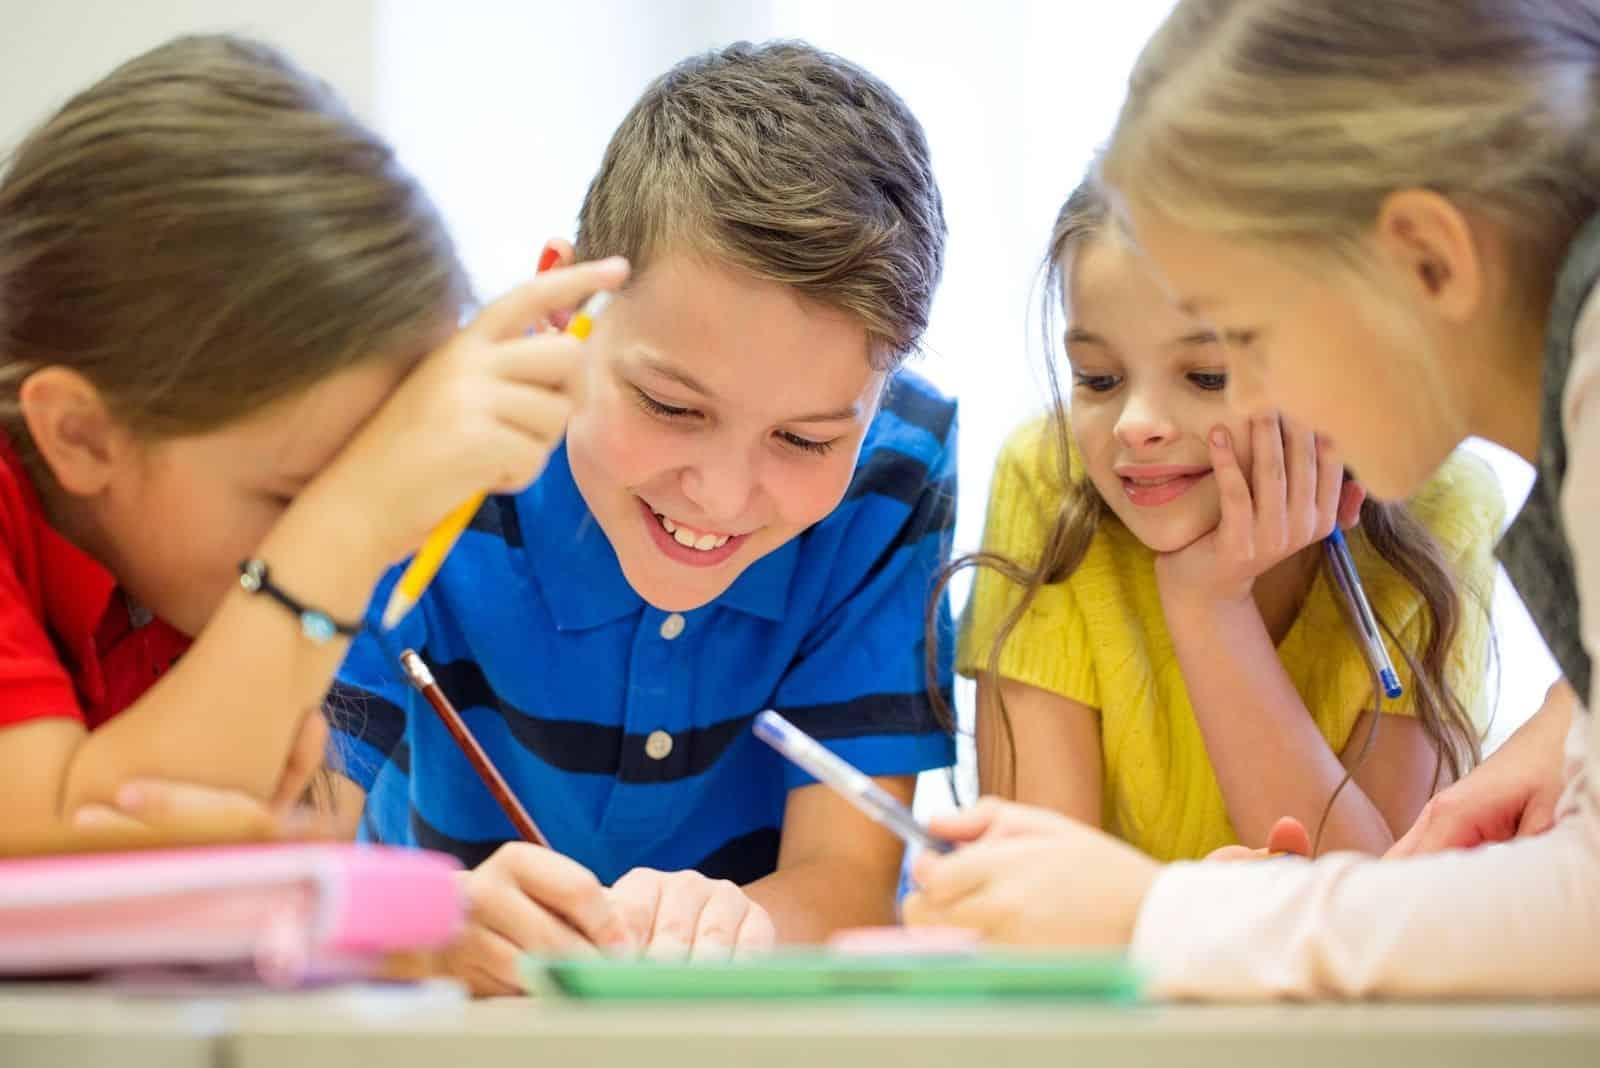 Grundschulkinder schreiben auf Papier teilen sich den gleichen Tisch